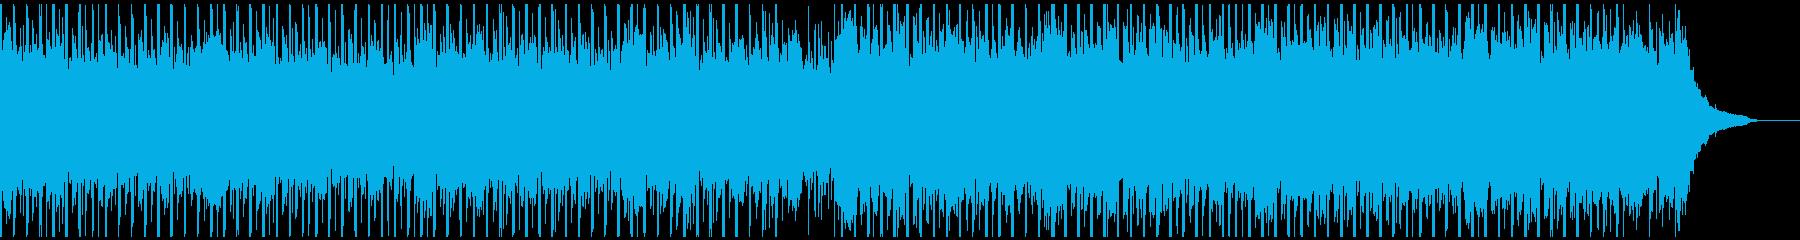 モダンコーポレーション(60秒)の再生済みの波形